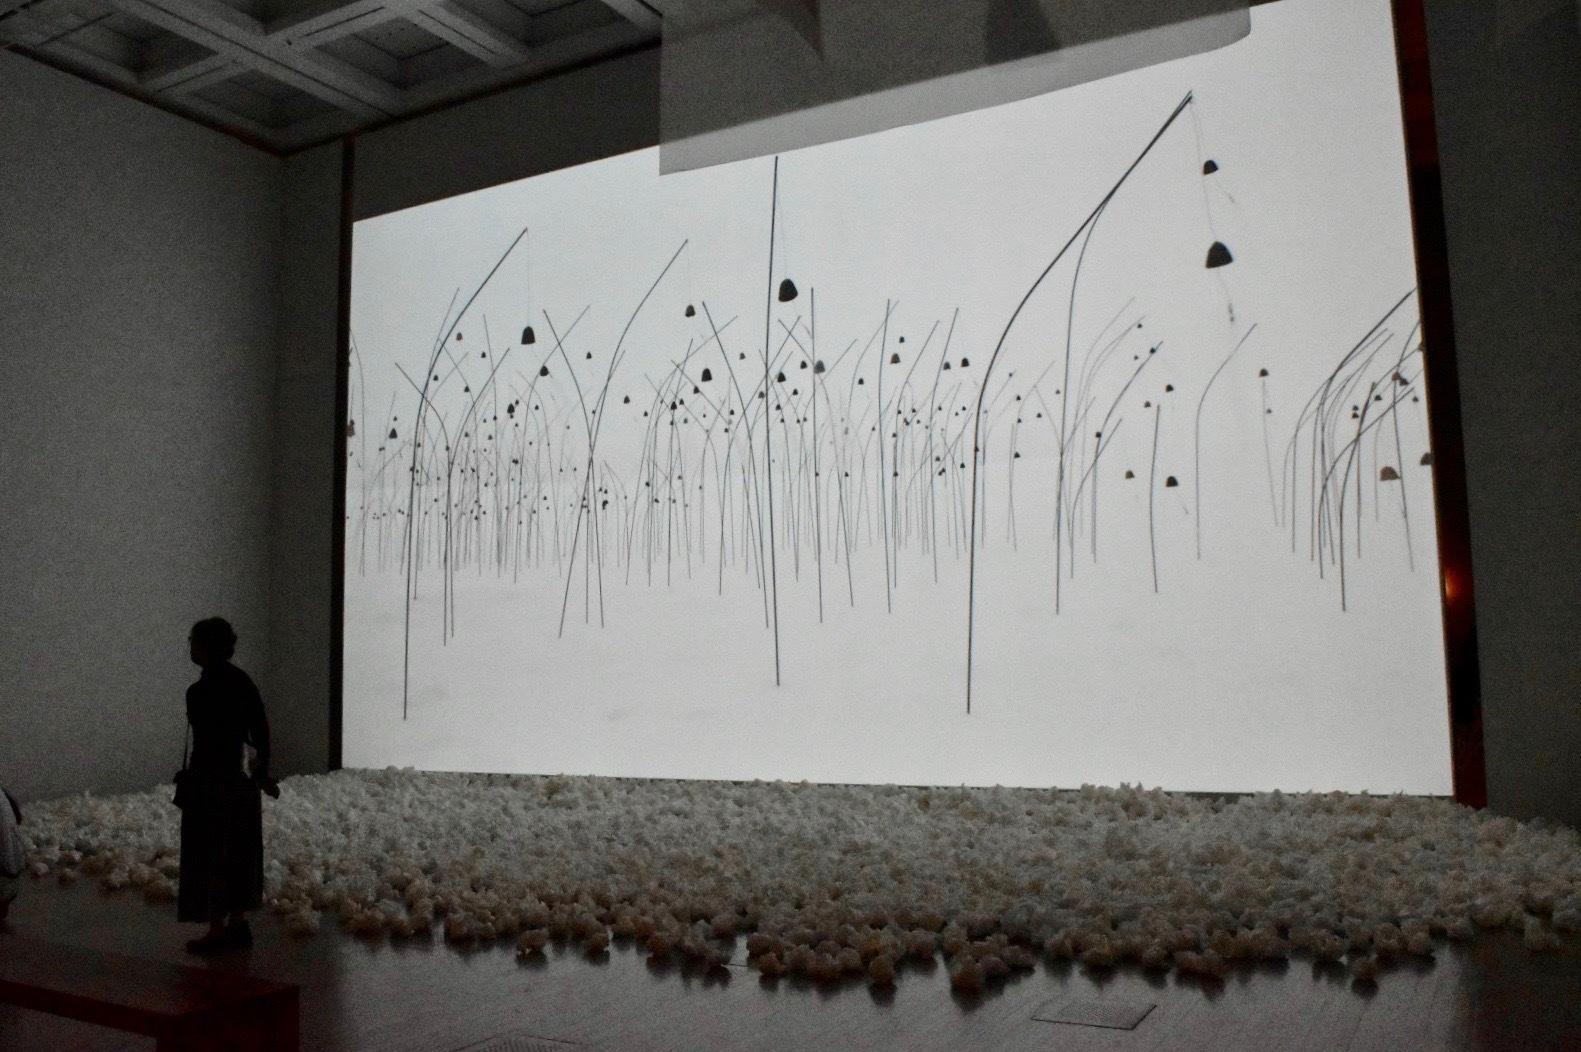 《アニミタス(白)》 2017年 「クリスチャン・ボルタンスキー −Lifetime」展 2019年 国立新美術館展示風景